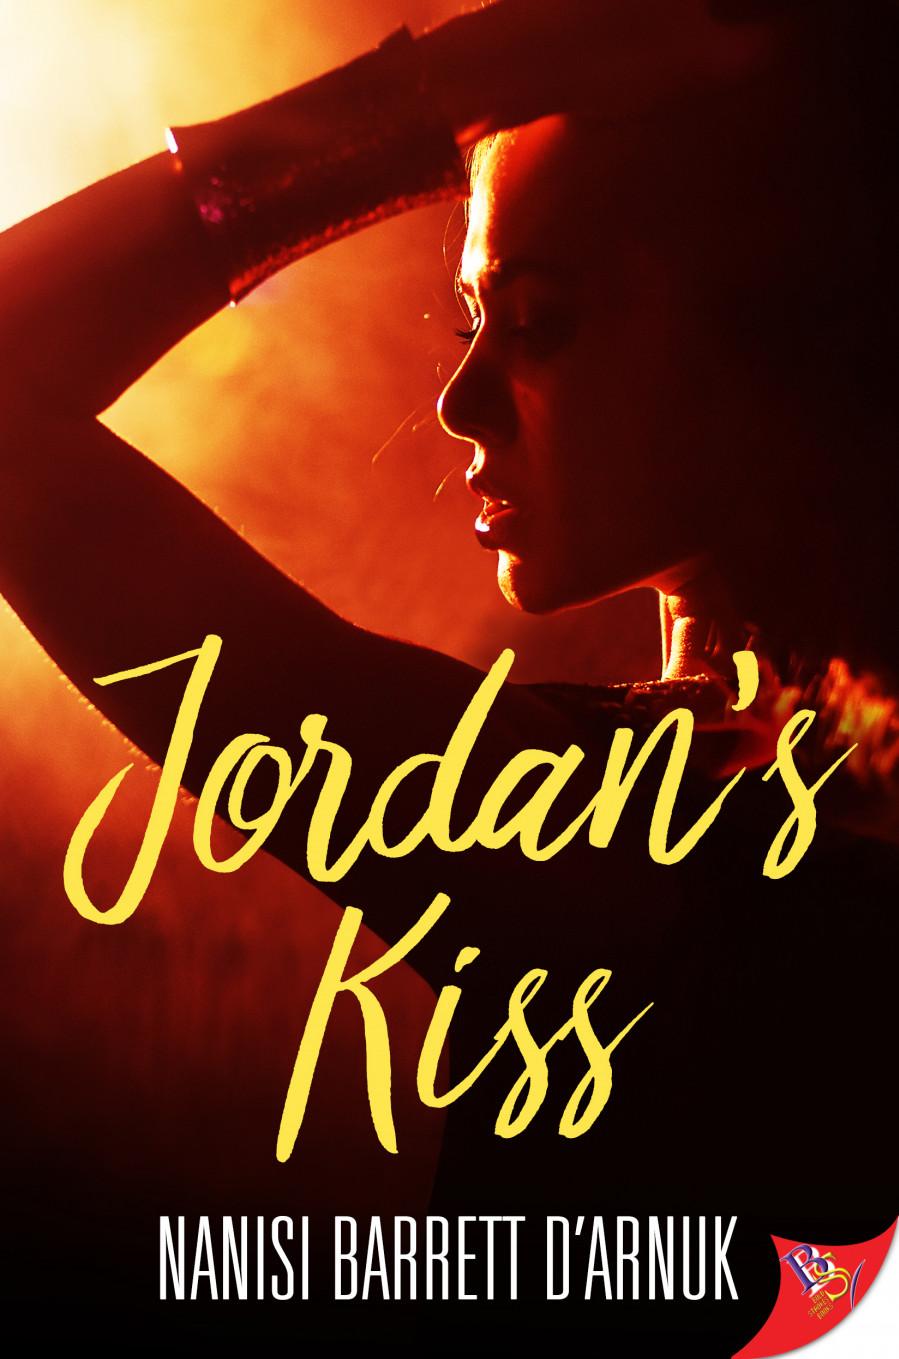 Jordan's Kiss